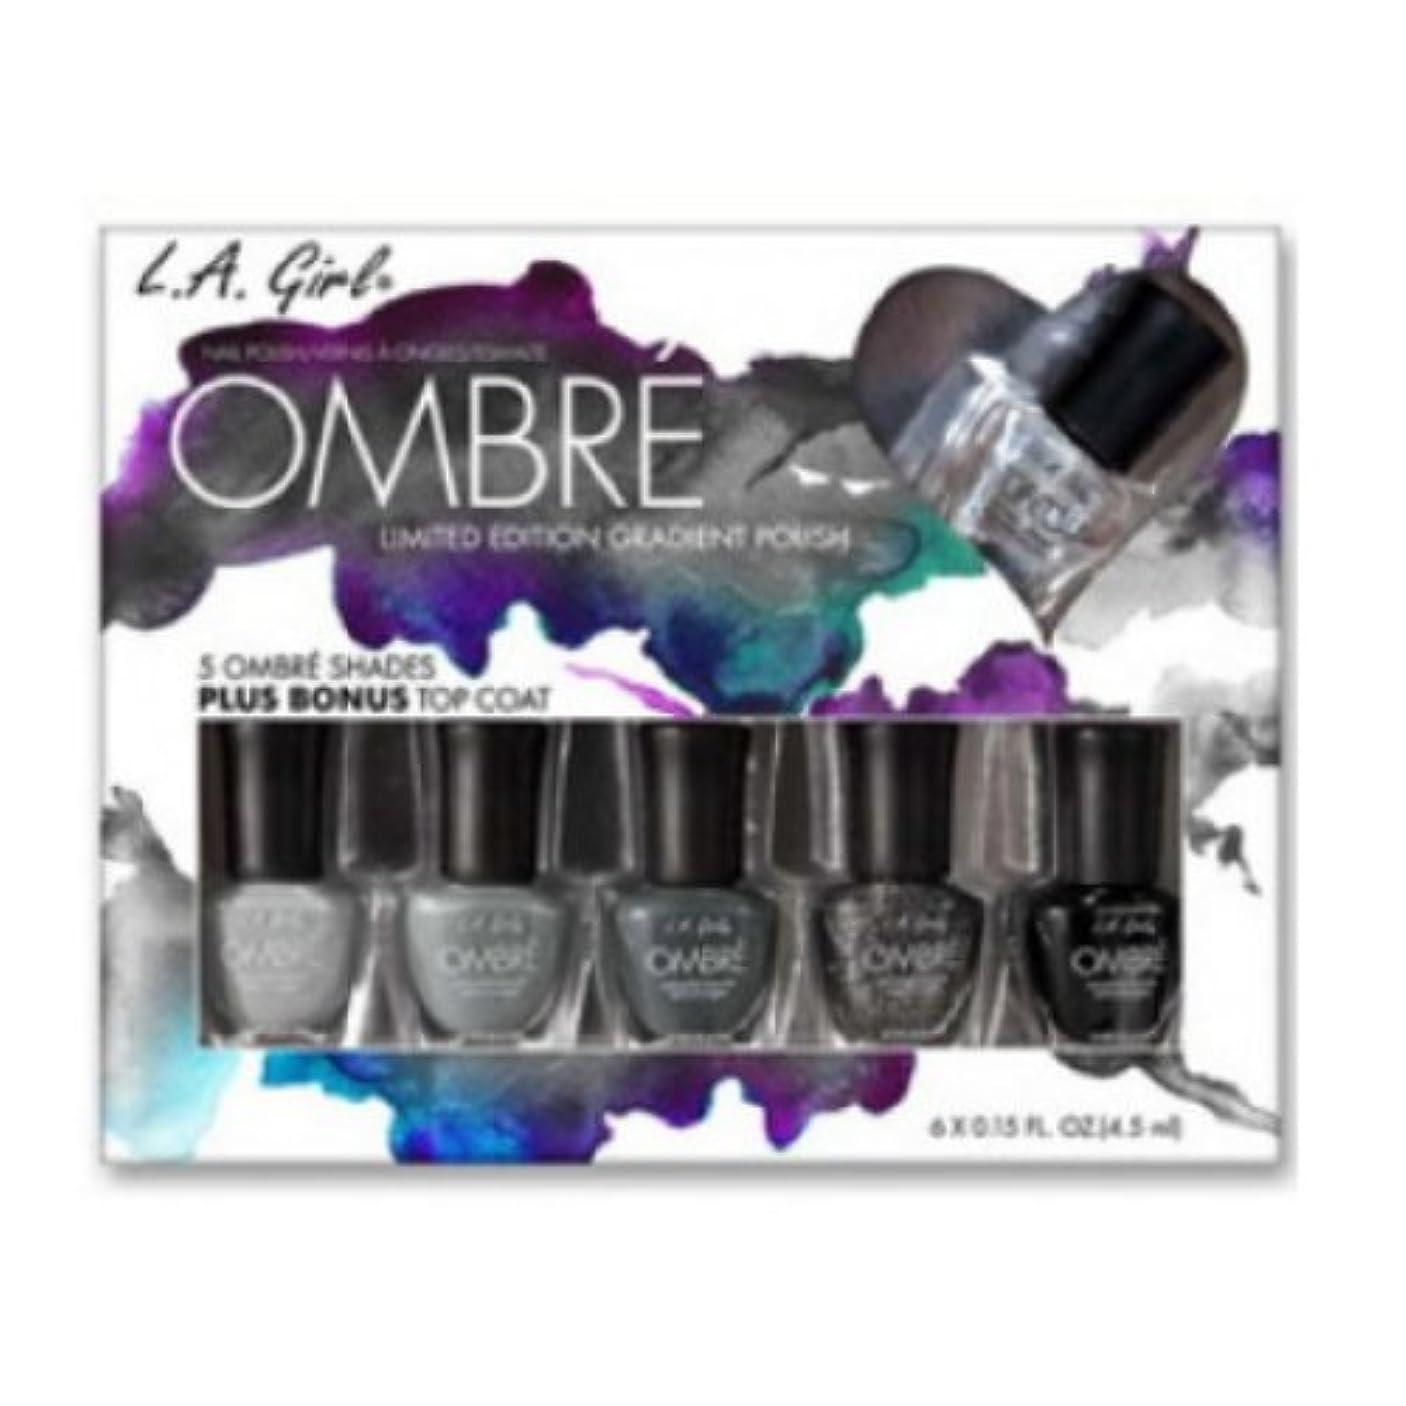 宴会解放しつけ(3 Pack) L.A. GIRL Ombre Limited Edition Gradient Polish Set - Midnite (並行輸入品)